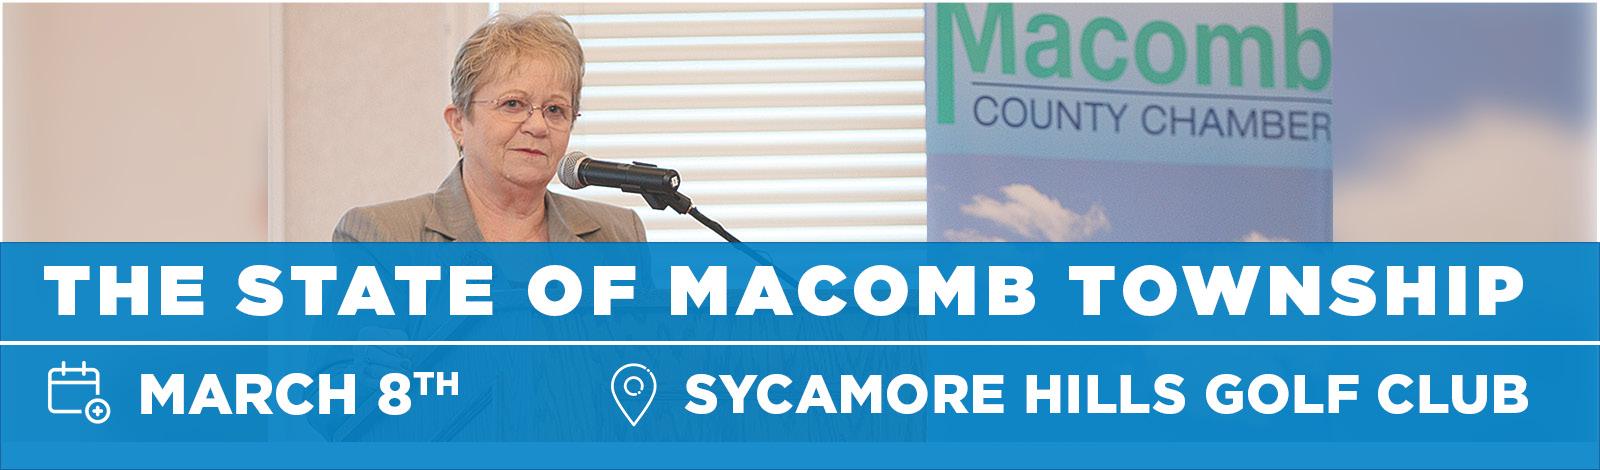 Macomb Twp Web Banner